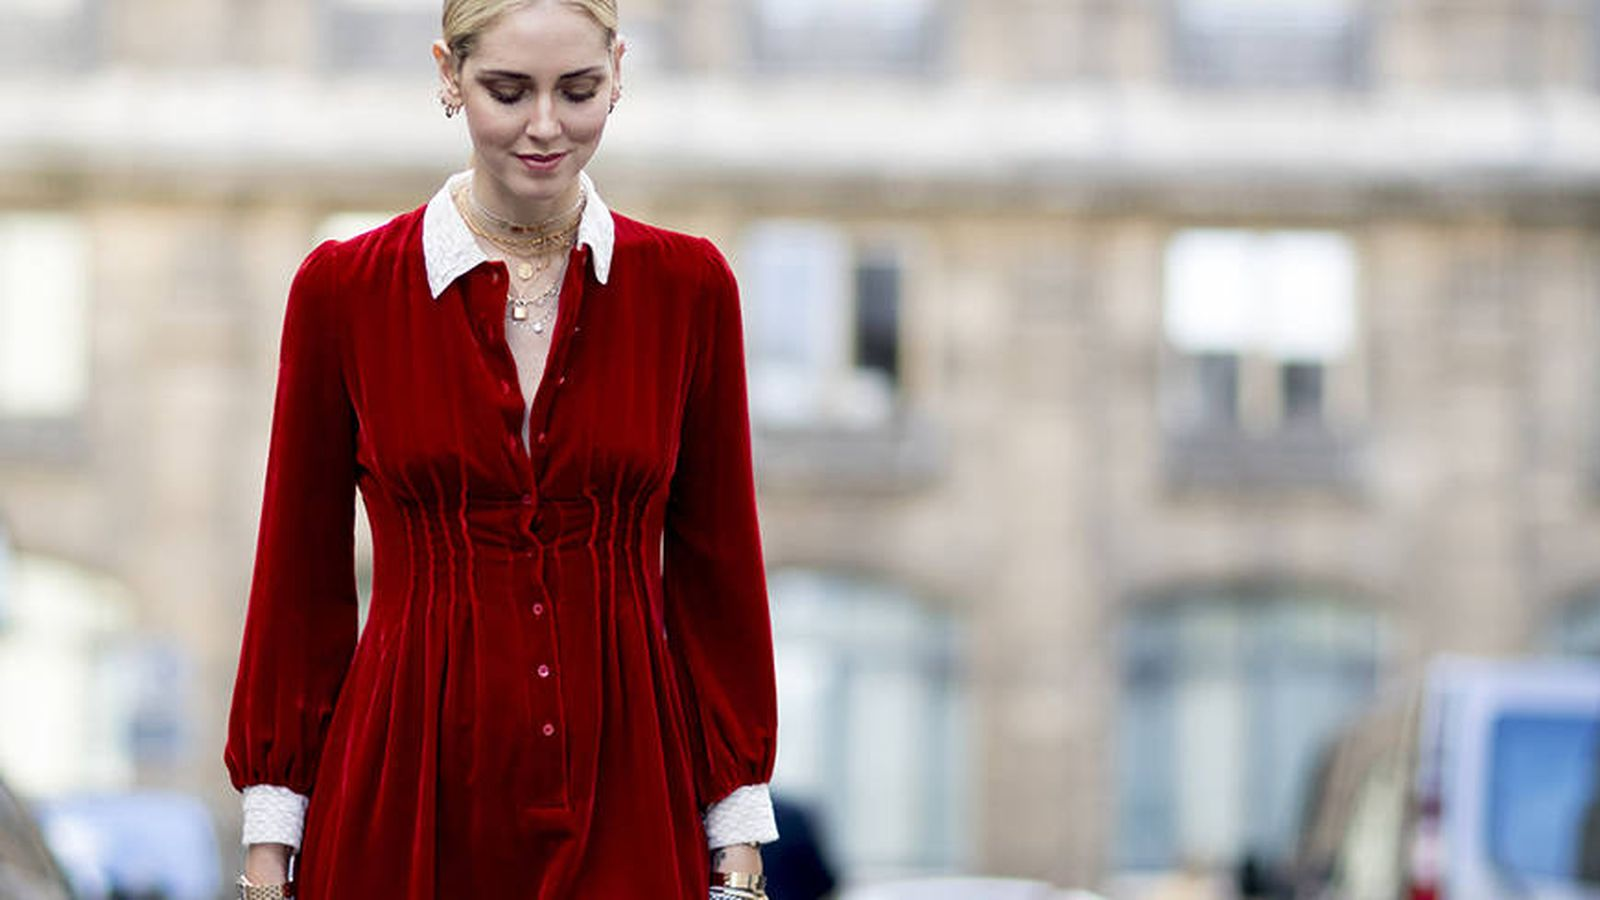 Foto: Chiara Ferragni, con vestido rojo de terciopelo y detalles blancos. (Foto: ©Imaxtree)